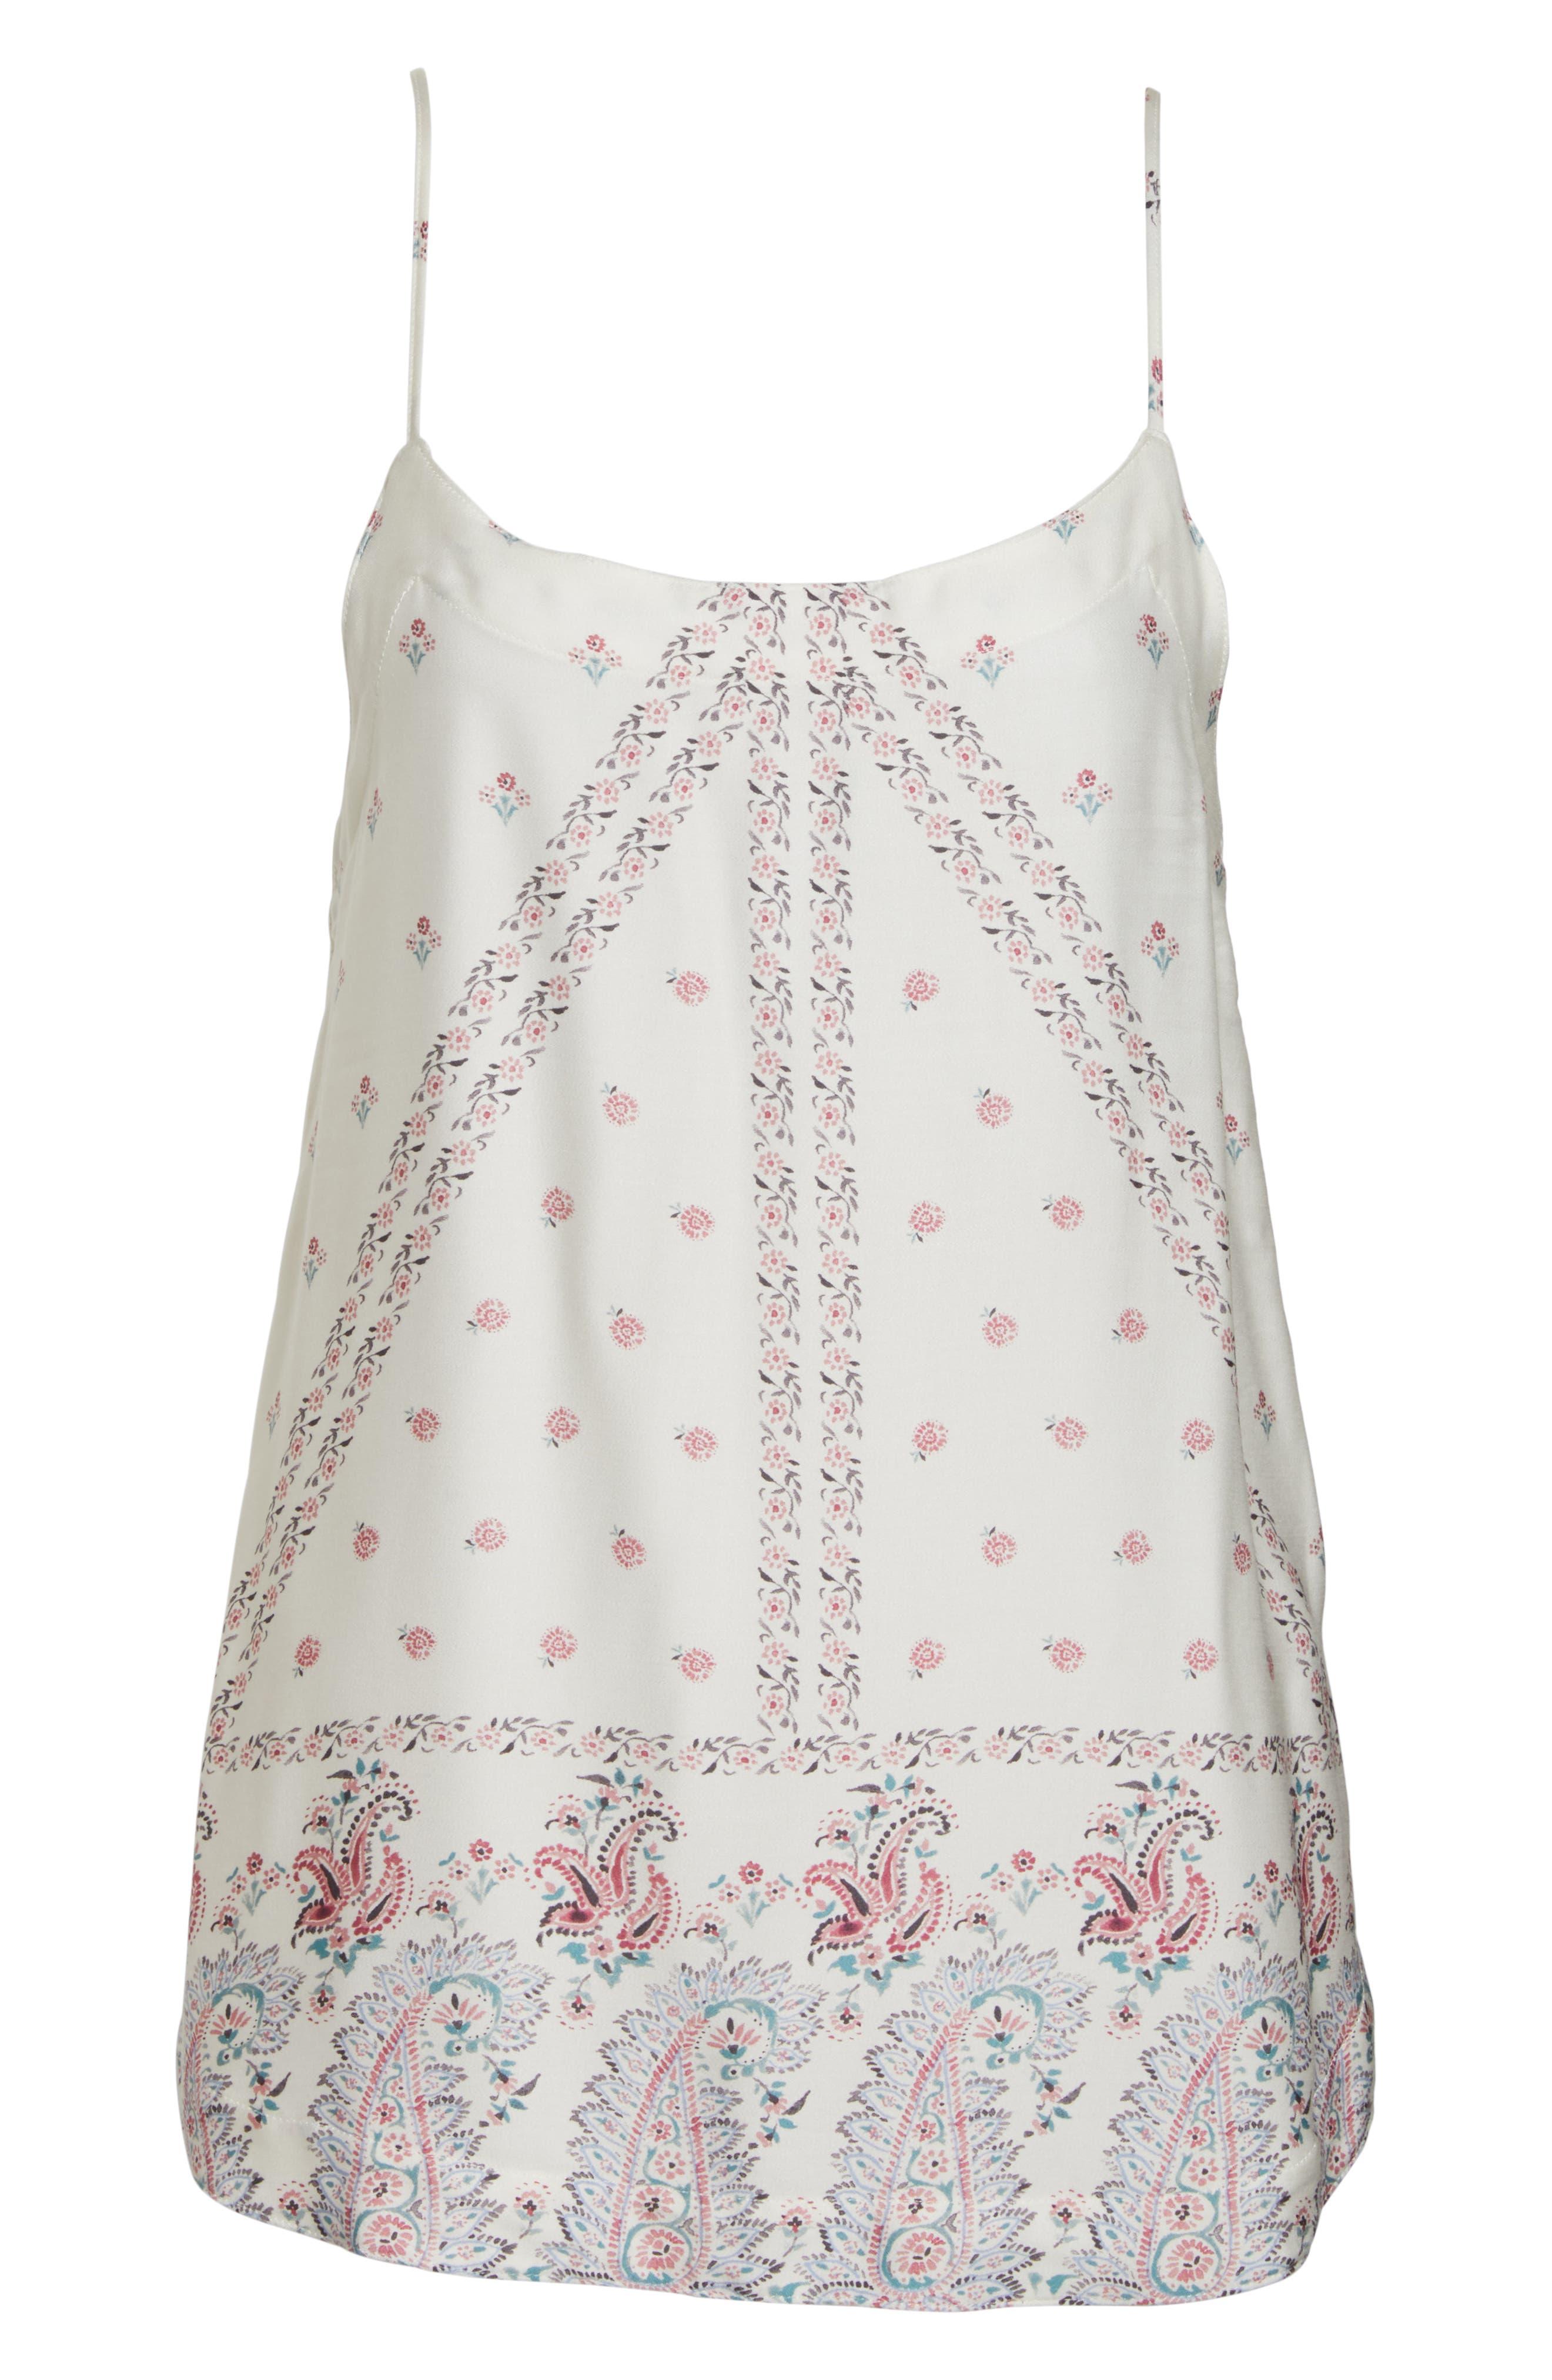 Paisley Park Pajama Camisole,                             Alternate thumbnail 6, color,                             ANTIQUE WHITE